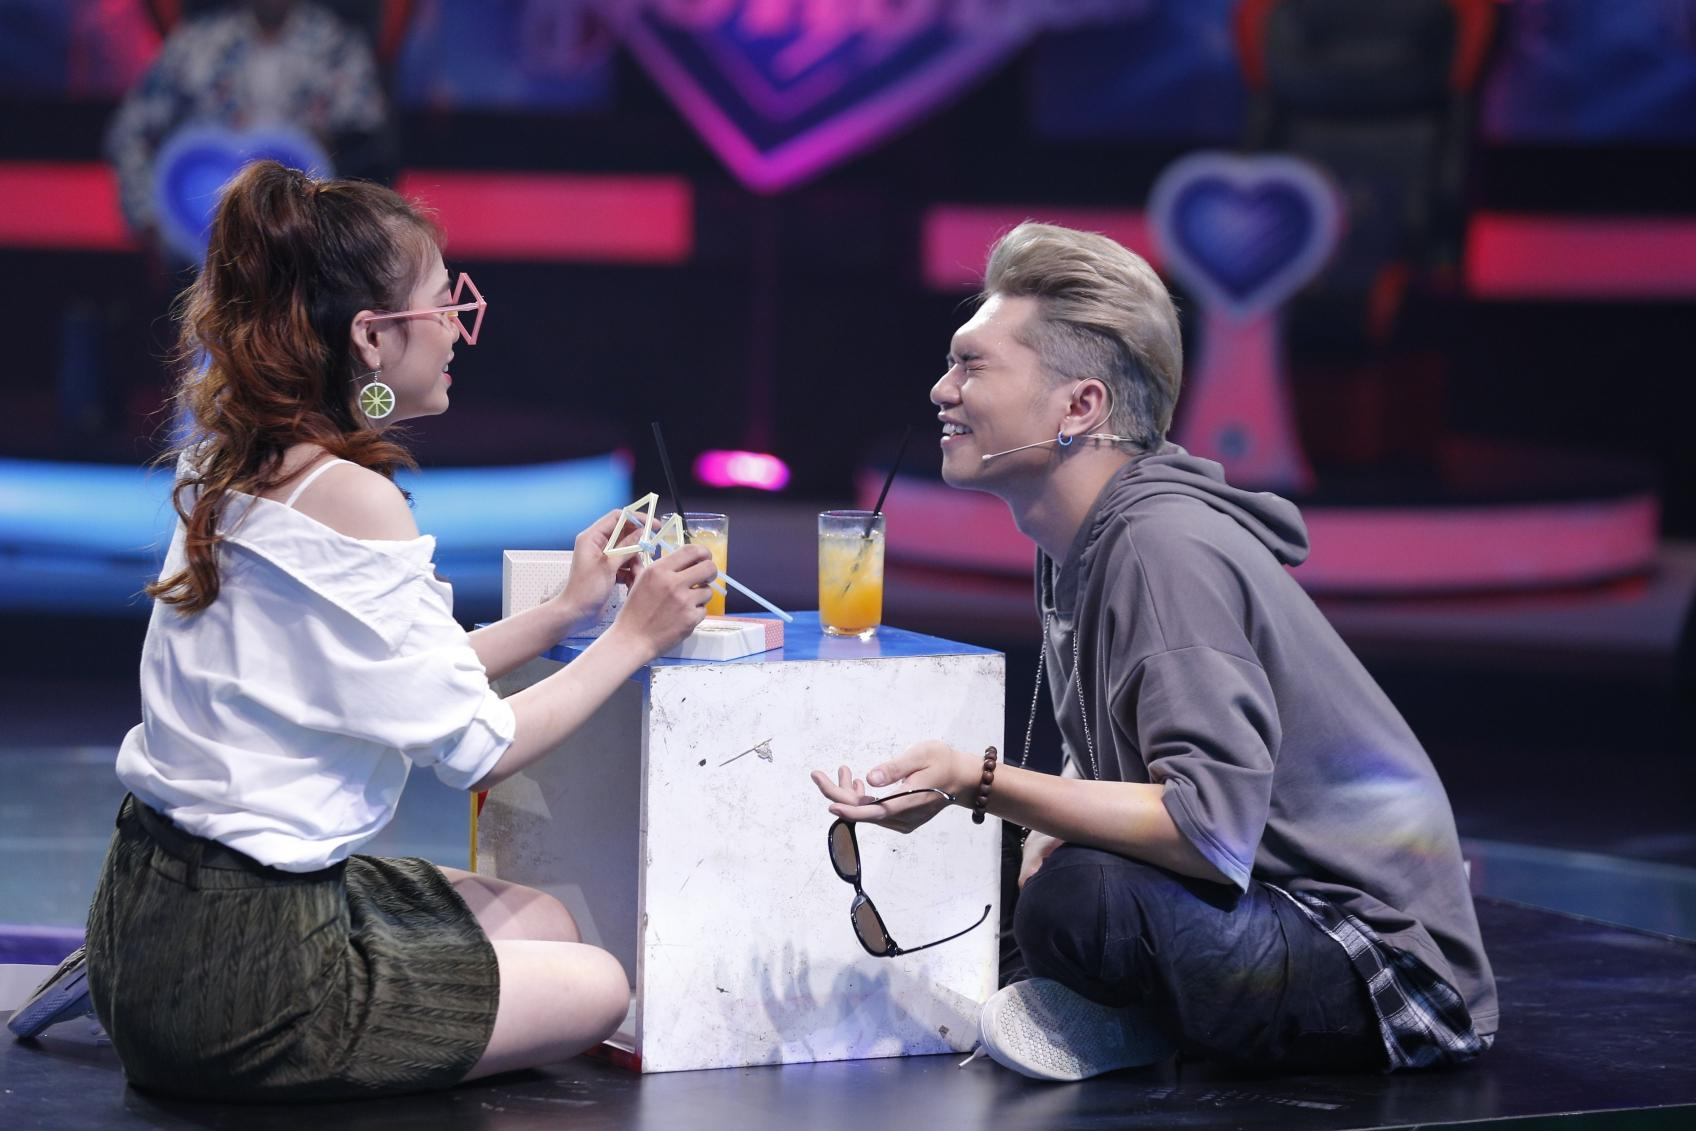 Vì yêu mà đến: Dụ được Bảo Kun tháo mắt kính, cô sinh viên trường Sân khấu vẫn ra về một mình-2